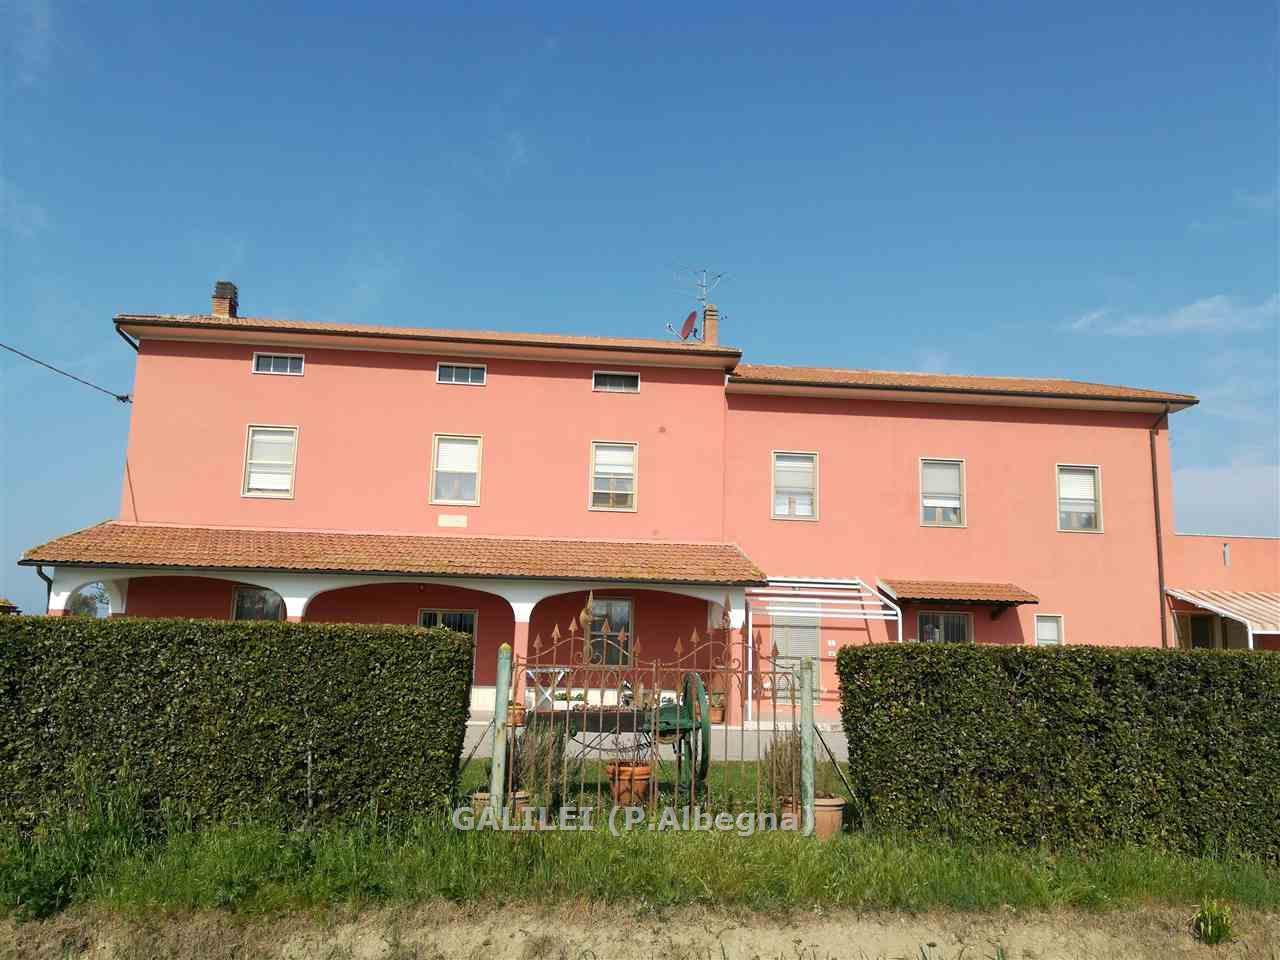 Casa colonica in vendita a alberese galilei immobiliare for 6 piani di casa colonica di 6 camere da letto